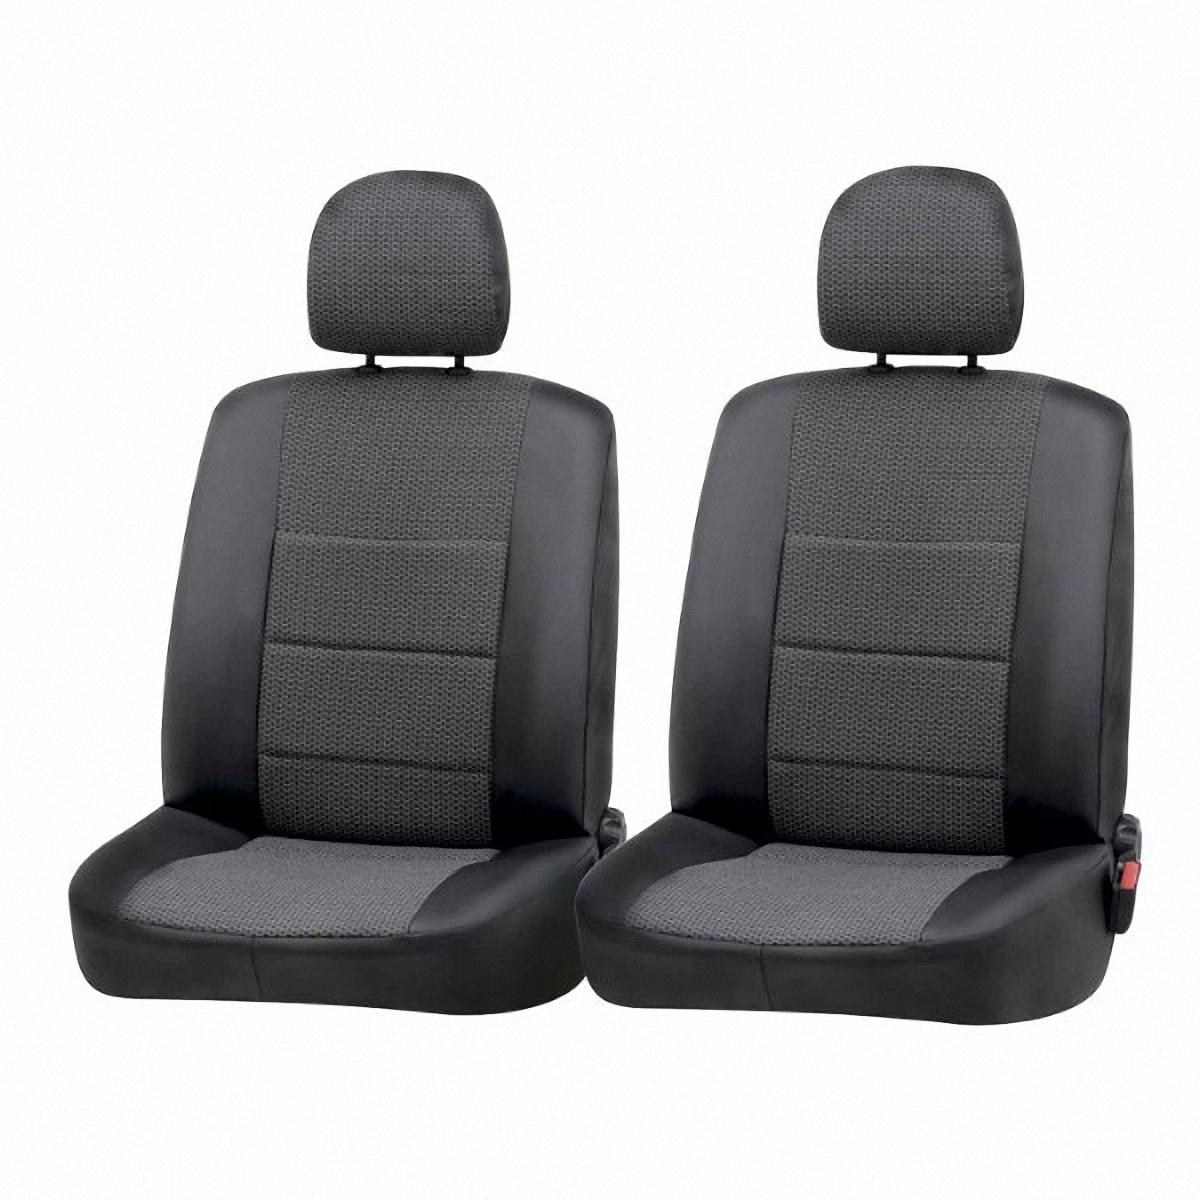 Чехлы автомобильные Skyway, для УАЗ Patriot 2005-2014. U1-2K21395599Автомобильные чехлы Skyway изготовлены из качественного жаккарда и экокожи. Чехлы идеально повторяют штатную форму сидений и выглядят как оригинальная обивка сидений. Разработаны индивидуально для каждой модели автомобиля. Авточехлы Skyway просты в уходе - загрязнения легко удаляются влажной тканью. Чехлы имеют раздельную схему надевания. В комплекте 12 предметов.